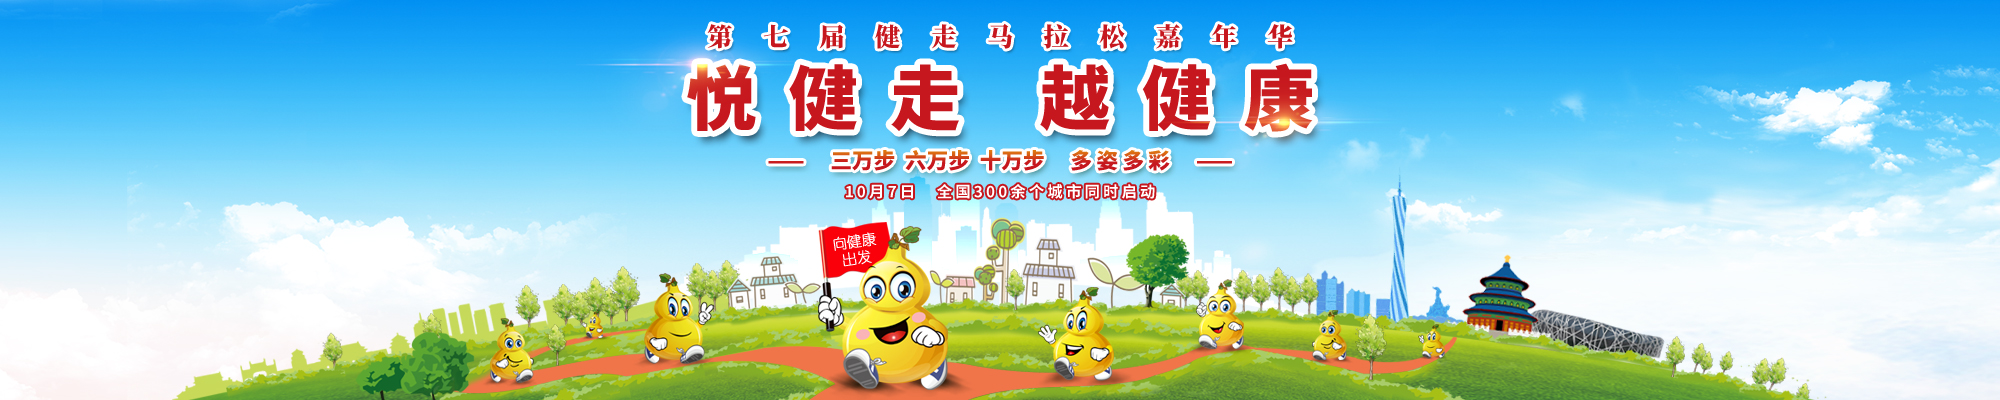 第七届健走马拉松嘉年华成绩查询_万步网